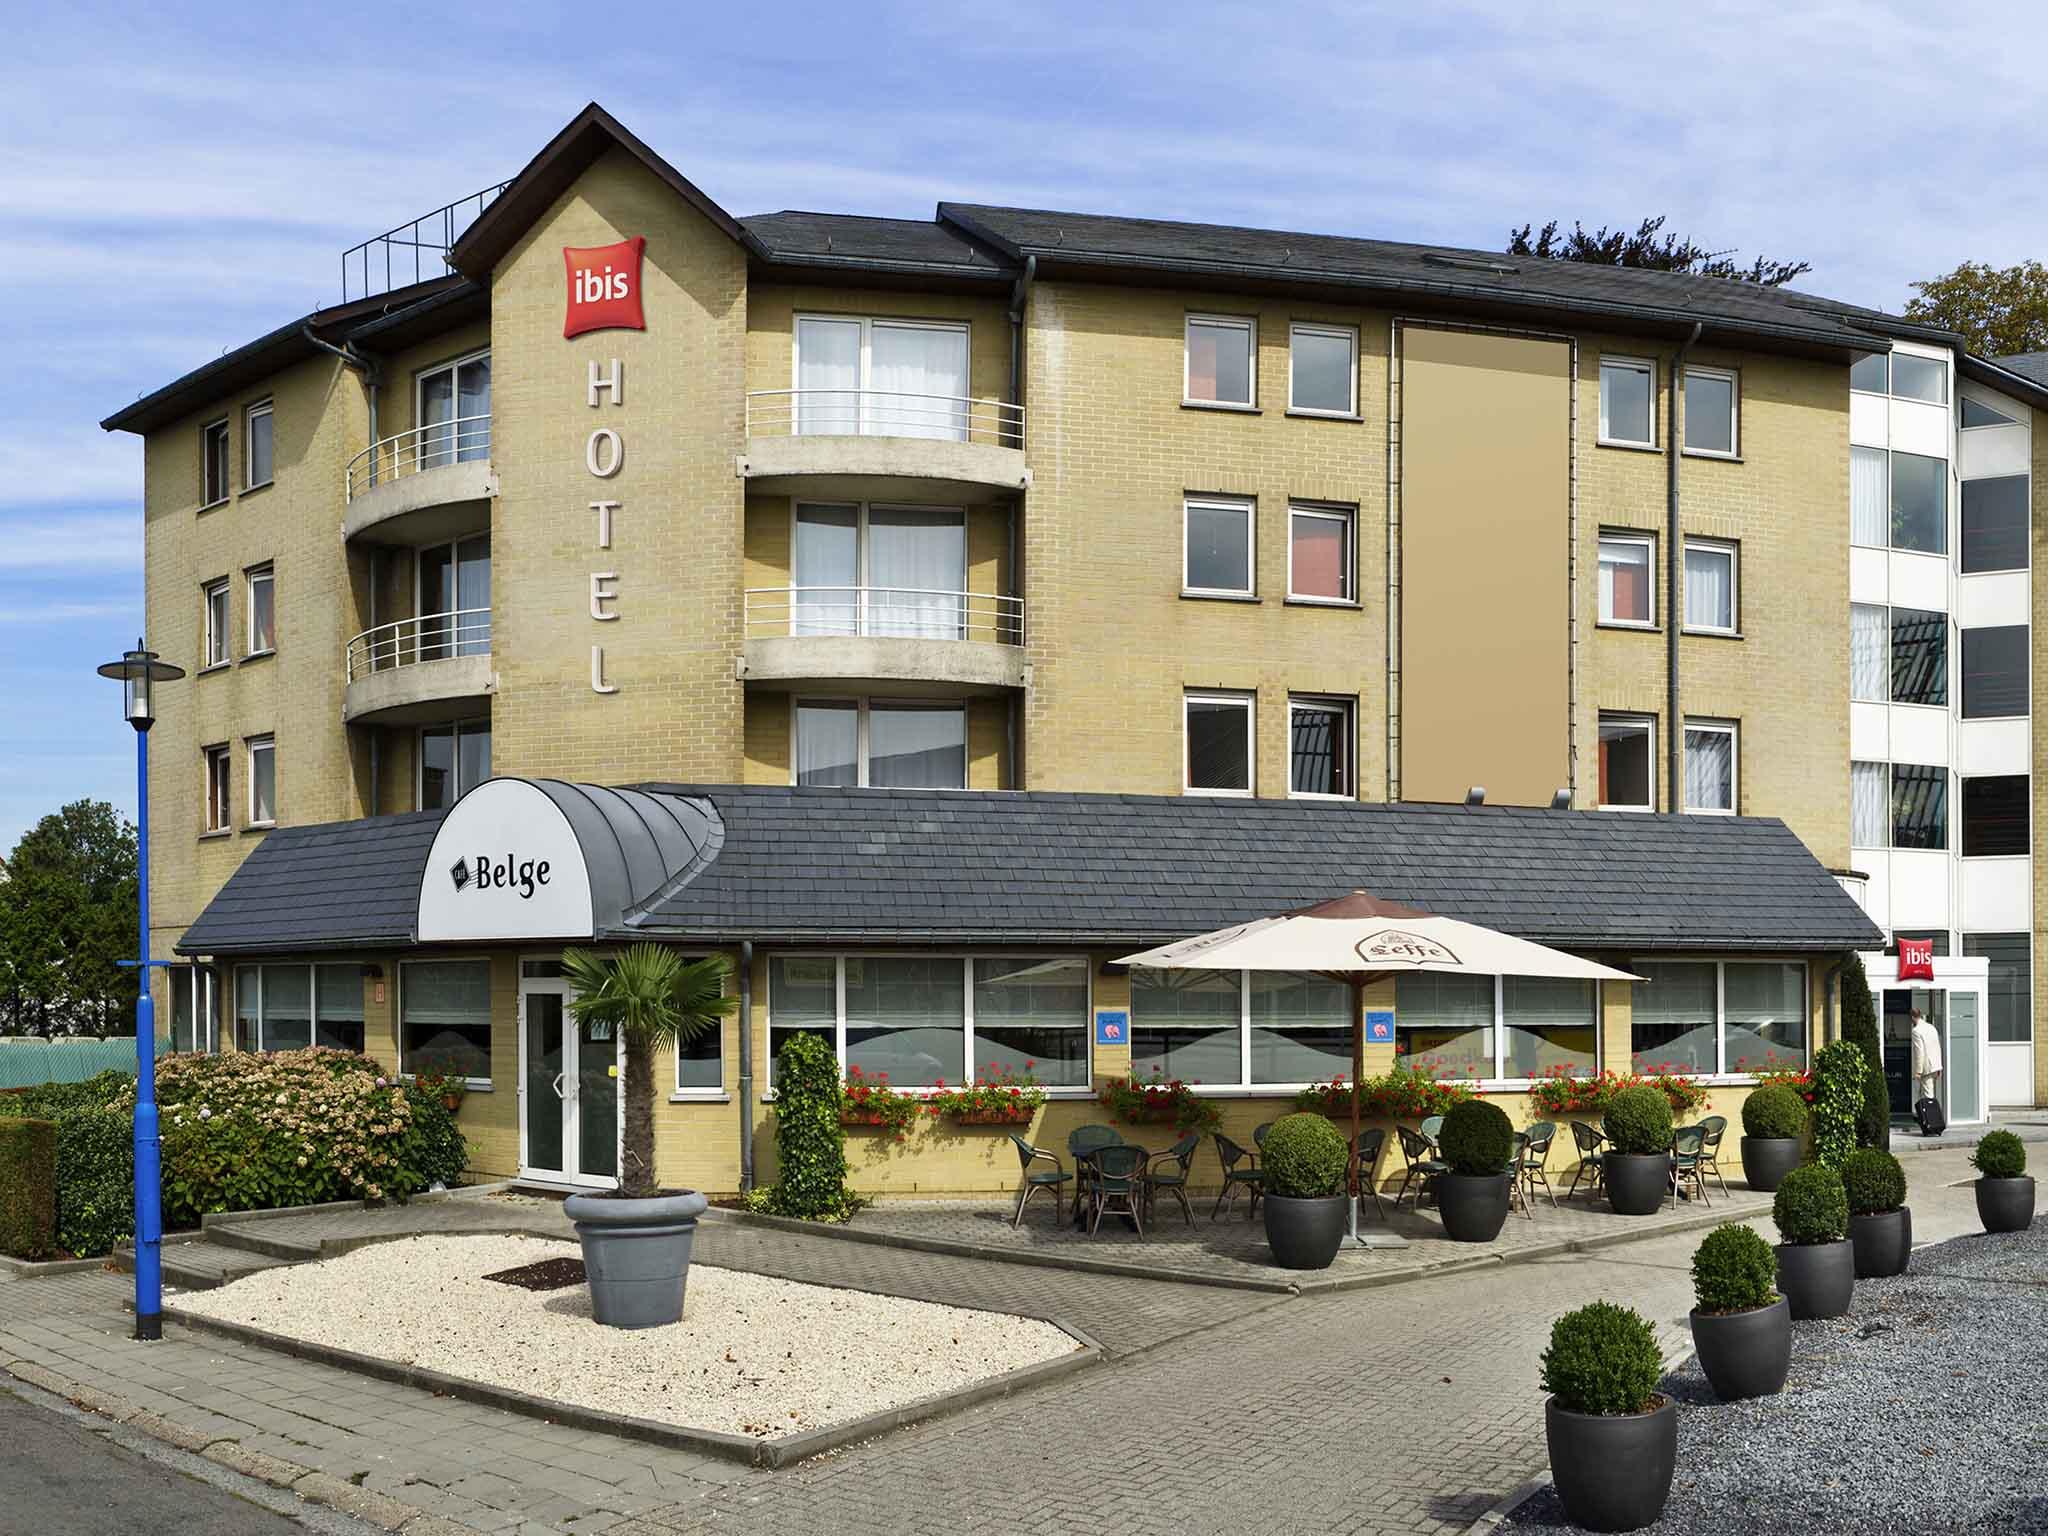 โรงแรม – ไอบิส บรัสเซลส์ เอ็กซ์โป อะโตเมียม